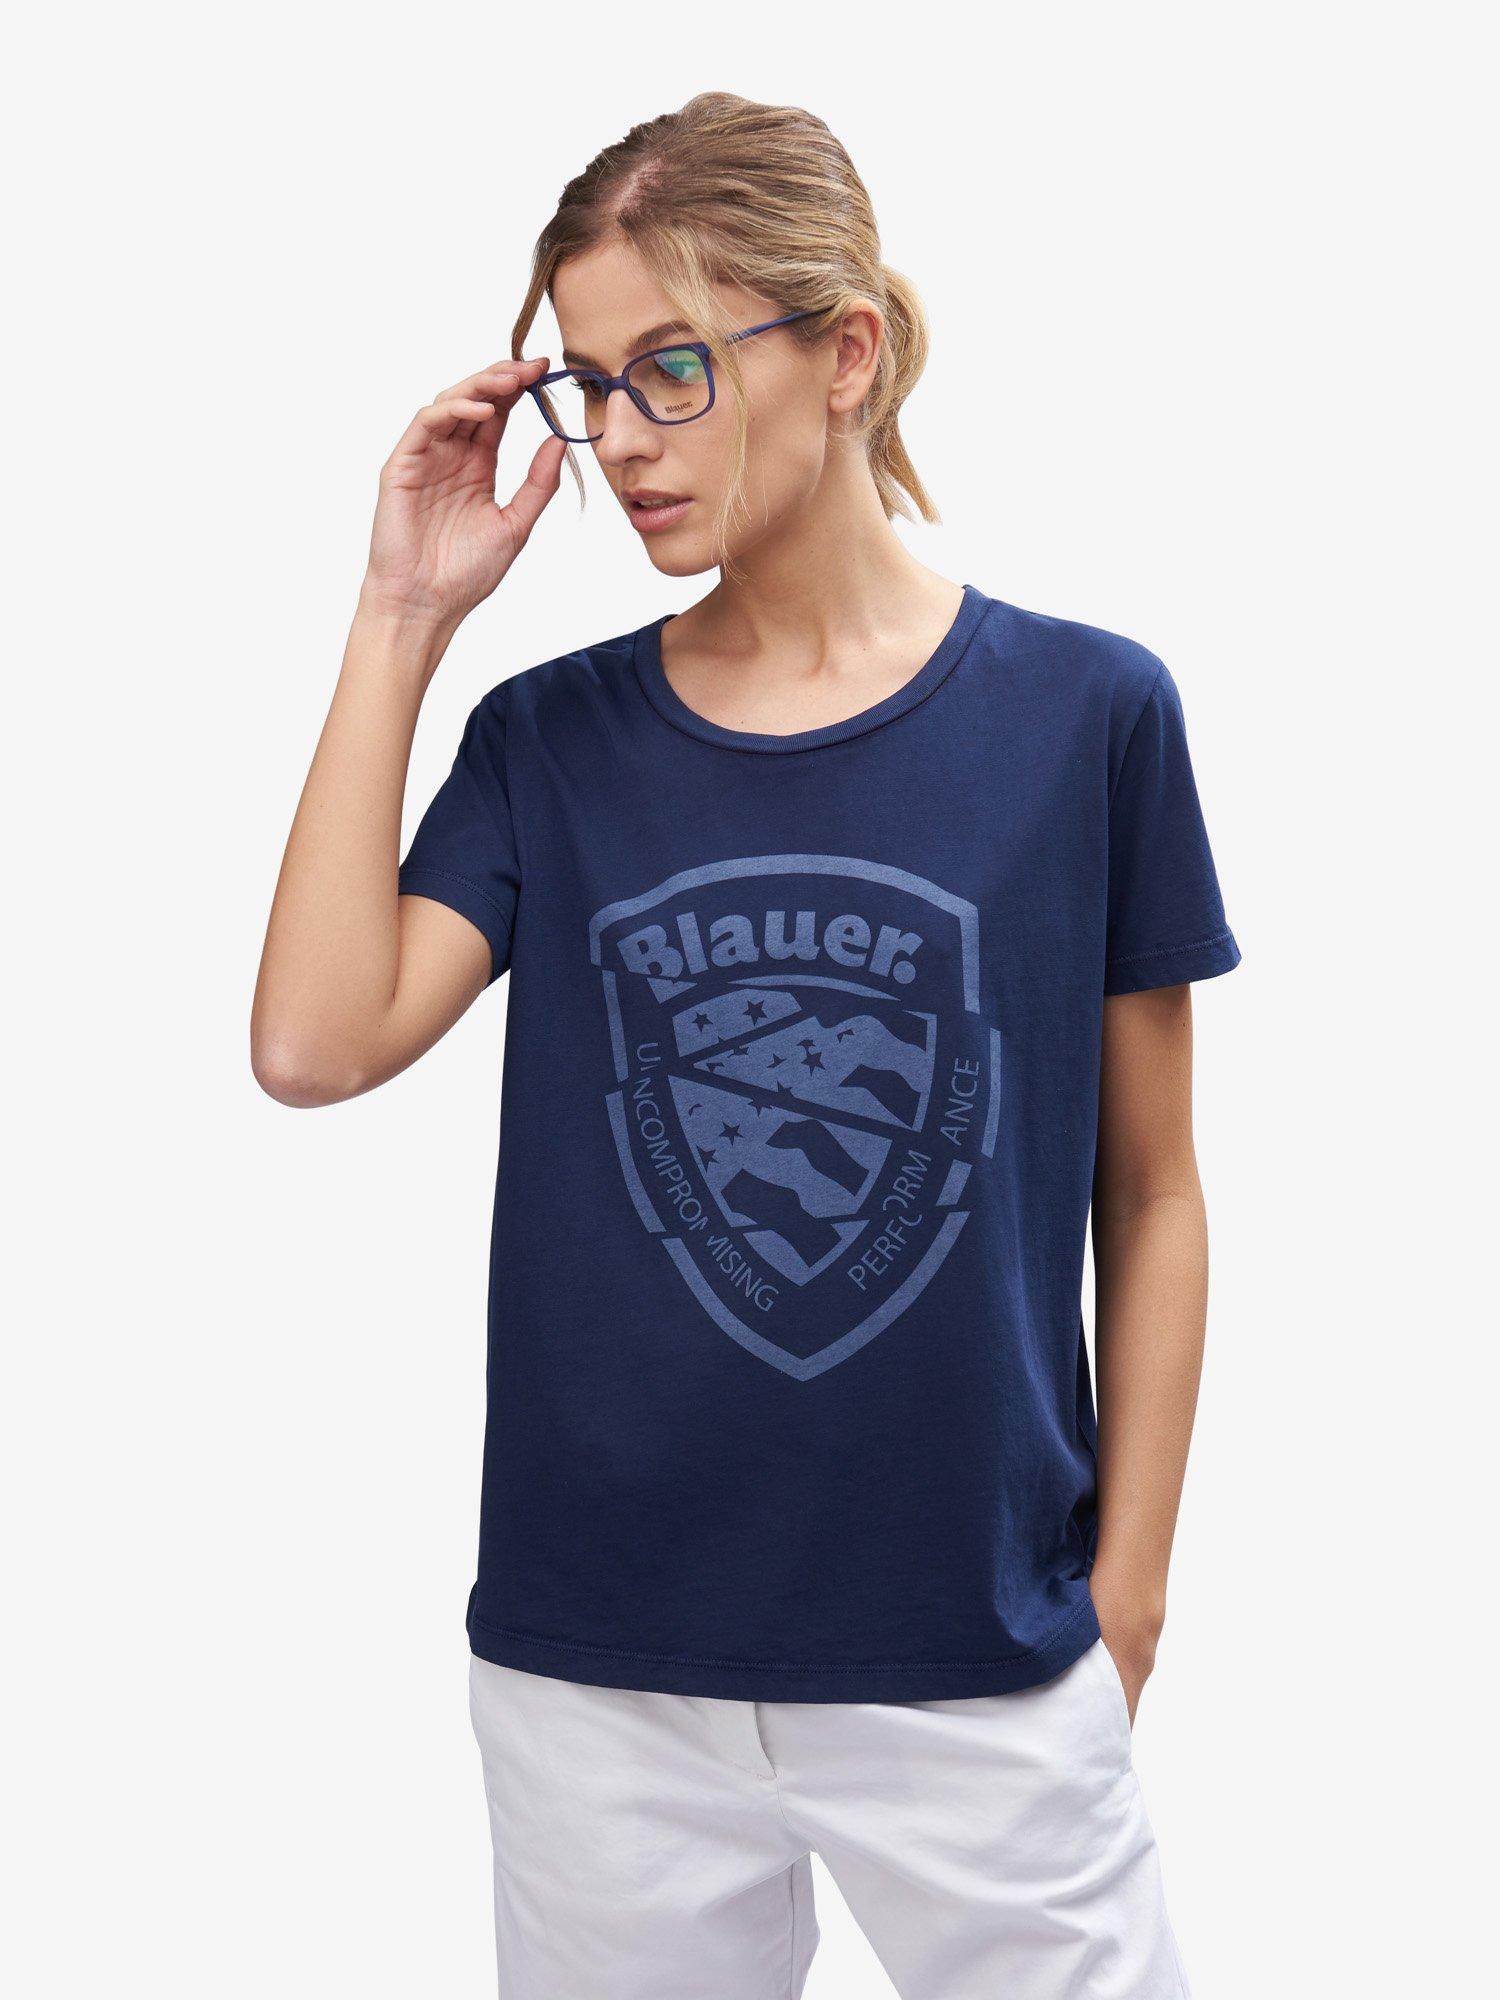 DAMEN-HALBARM-T-SHIRT - Blauer